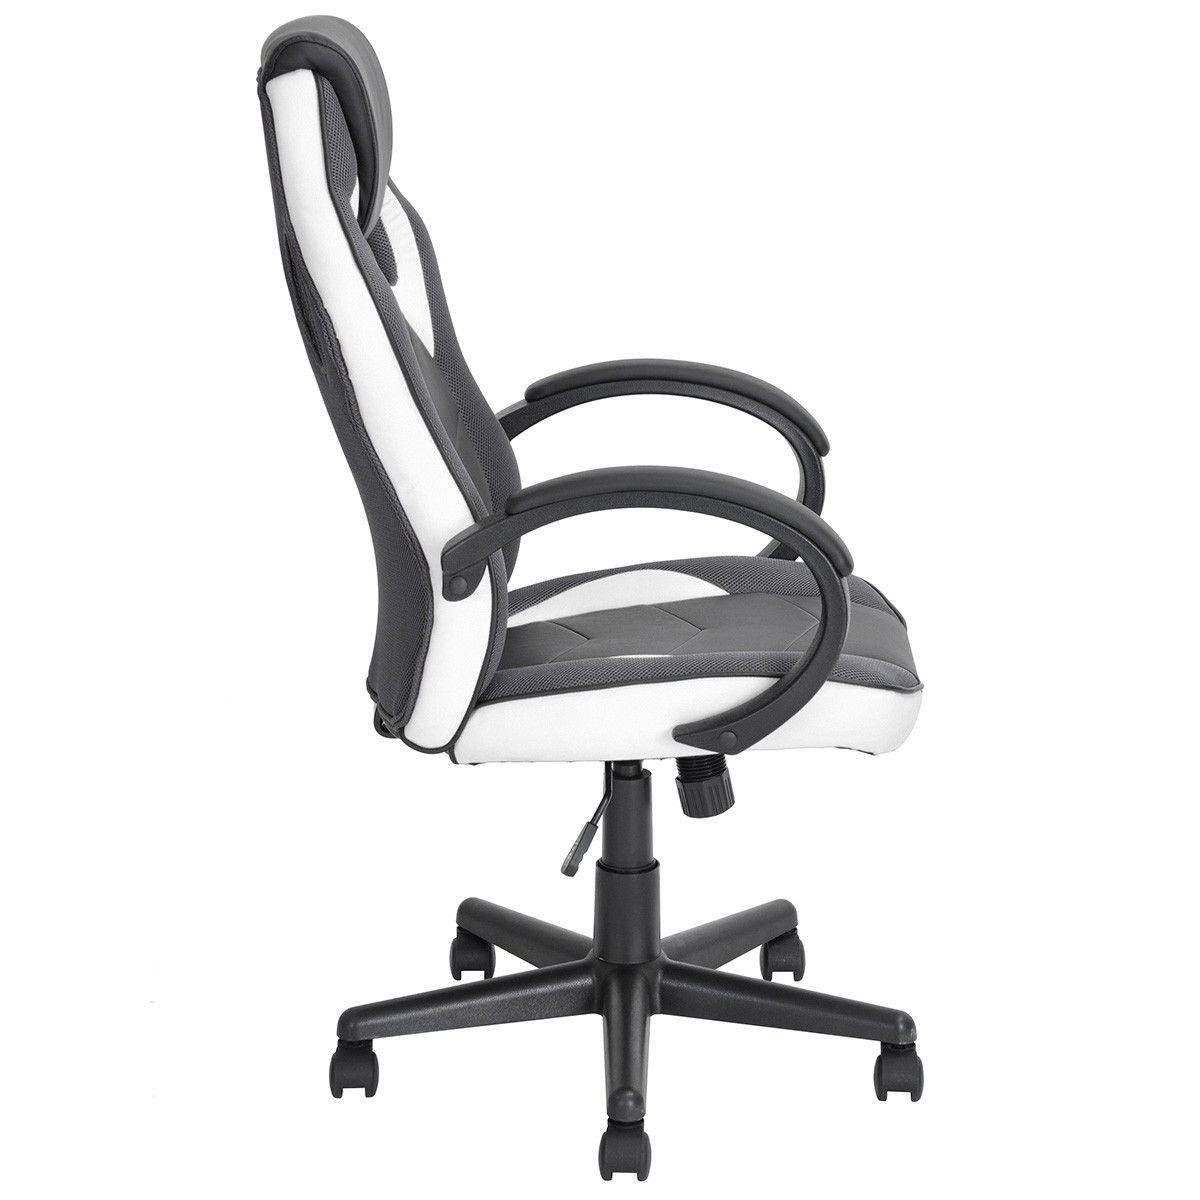 Linton Chaise De Bureau En Blanc 2019Products iwPkXuZTO